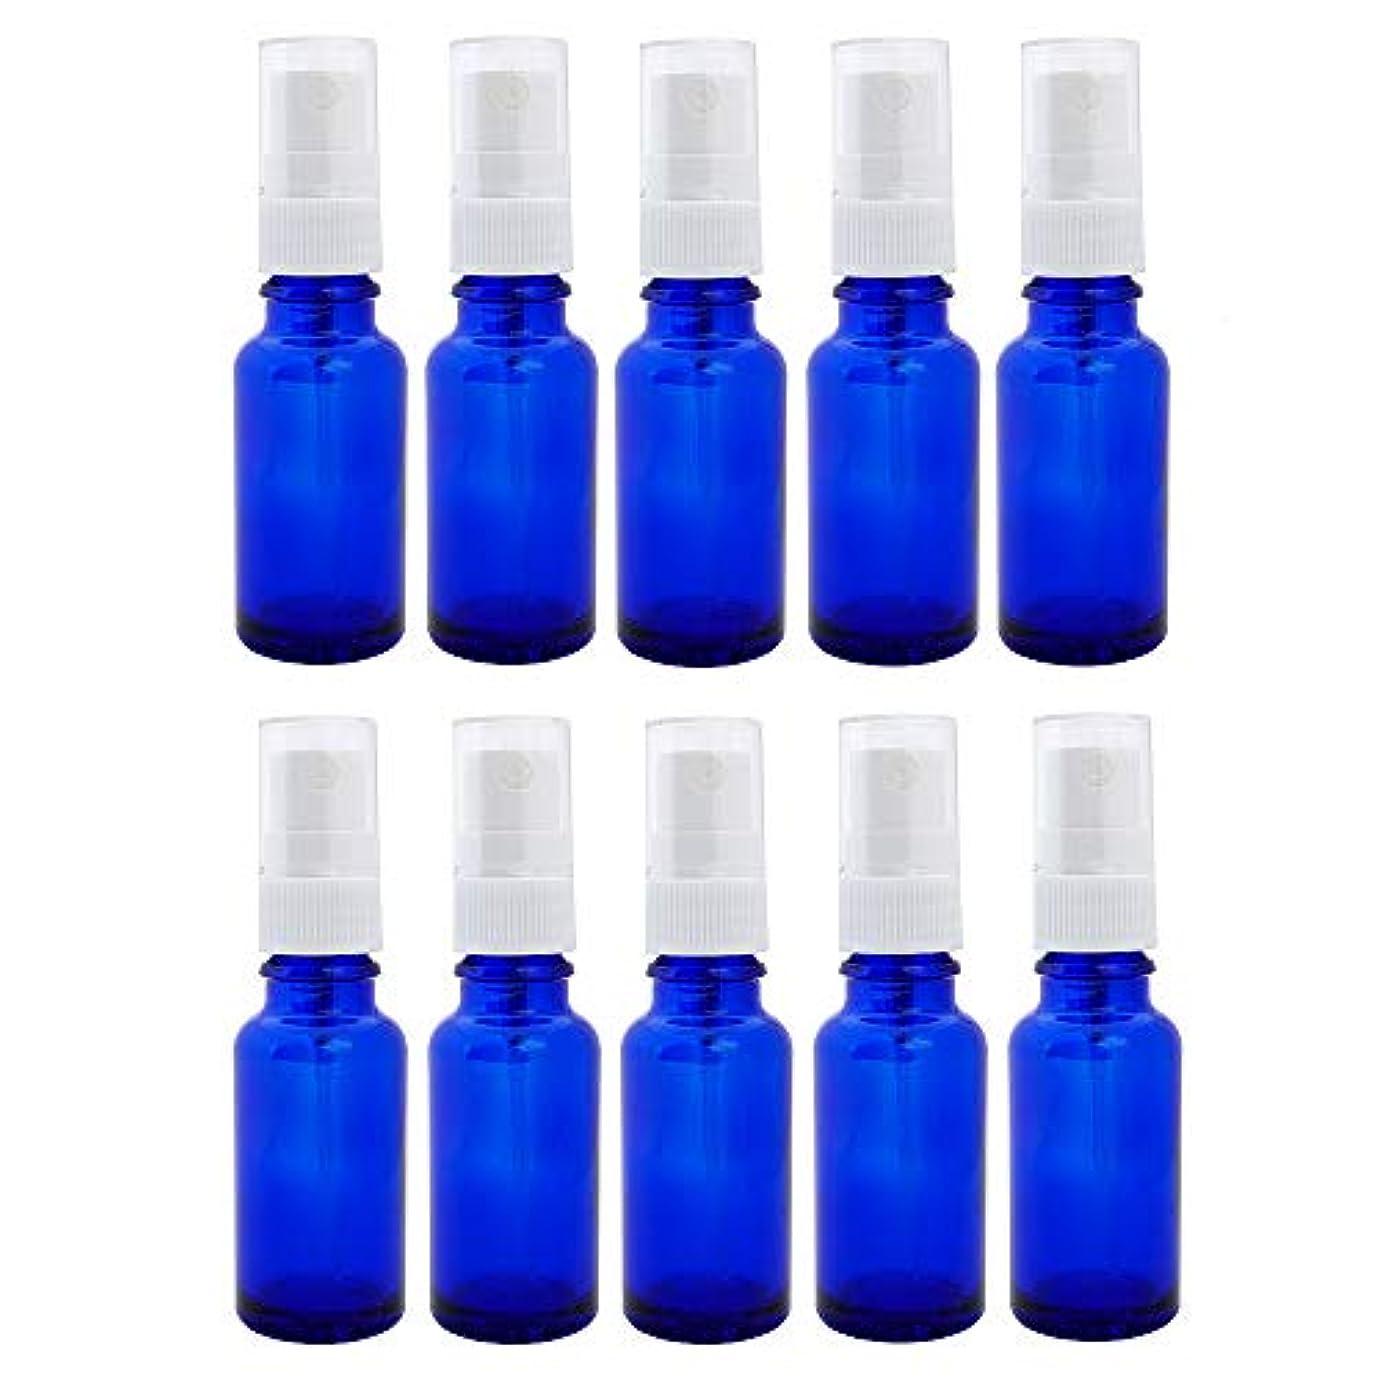 盆ネイティブゲートスプレー遮光ビン 20ml 瓶 10本セット ブルー(スプレーノズル キャップ付)